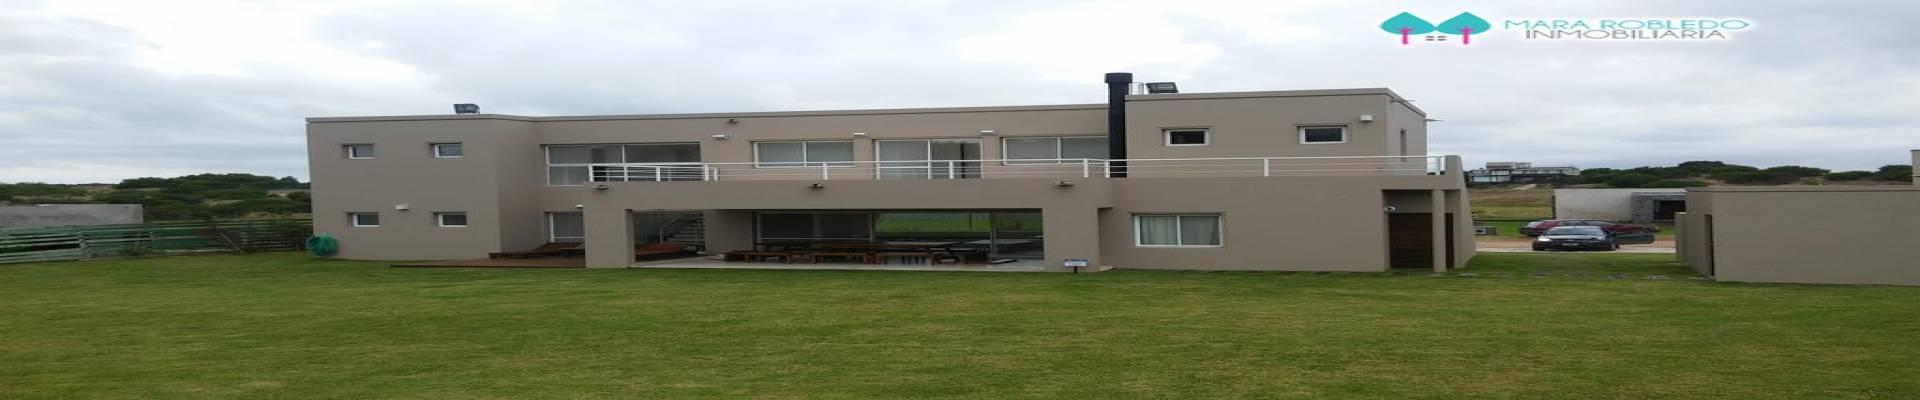 Costa Esmeralda,Buenos Aires,Argentina,6 Bedrooms Bedrooms,5 BathroomsBathrooms,Casas,GOLF 1 LOTE 173,5506